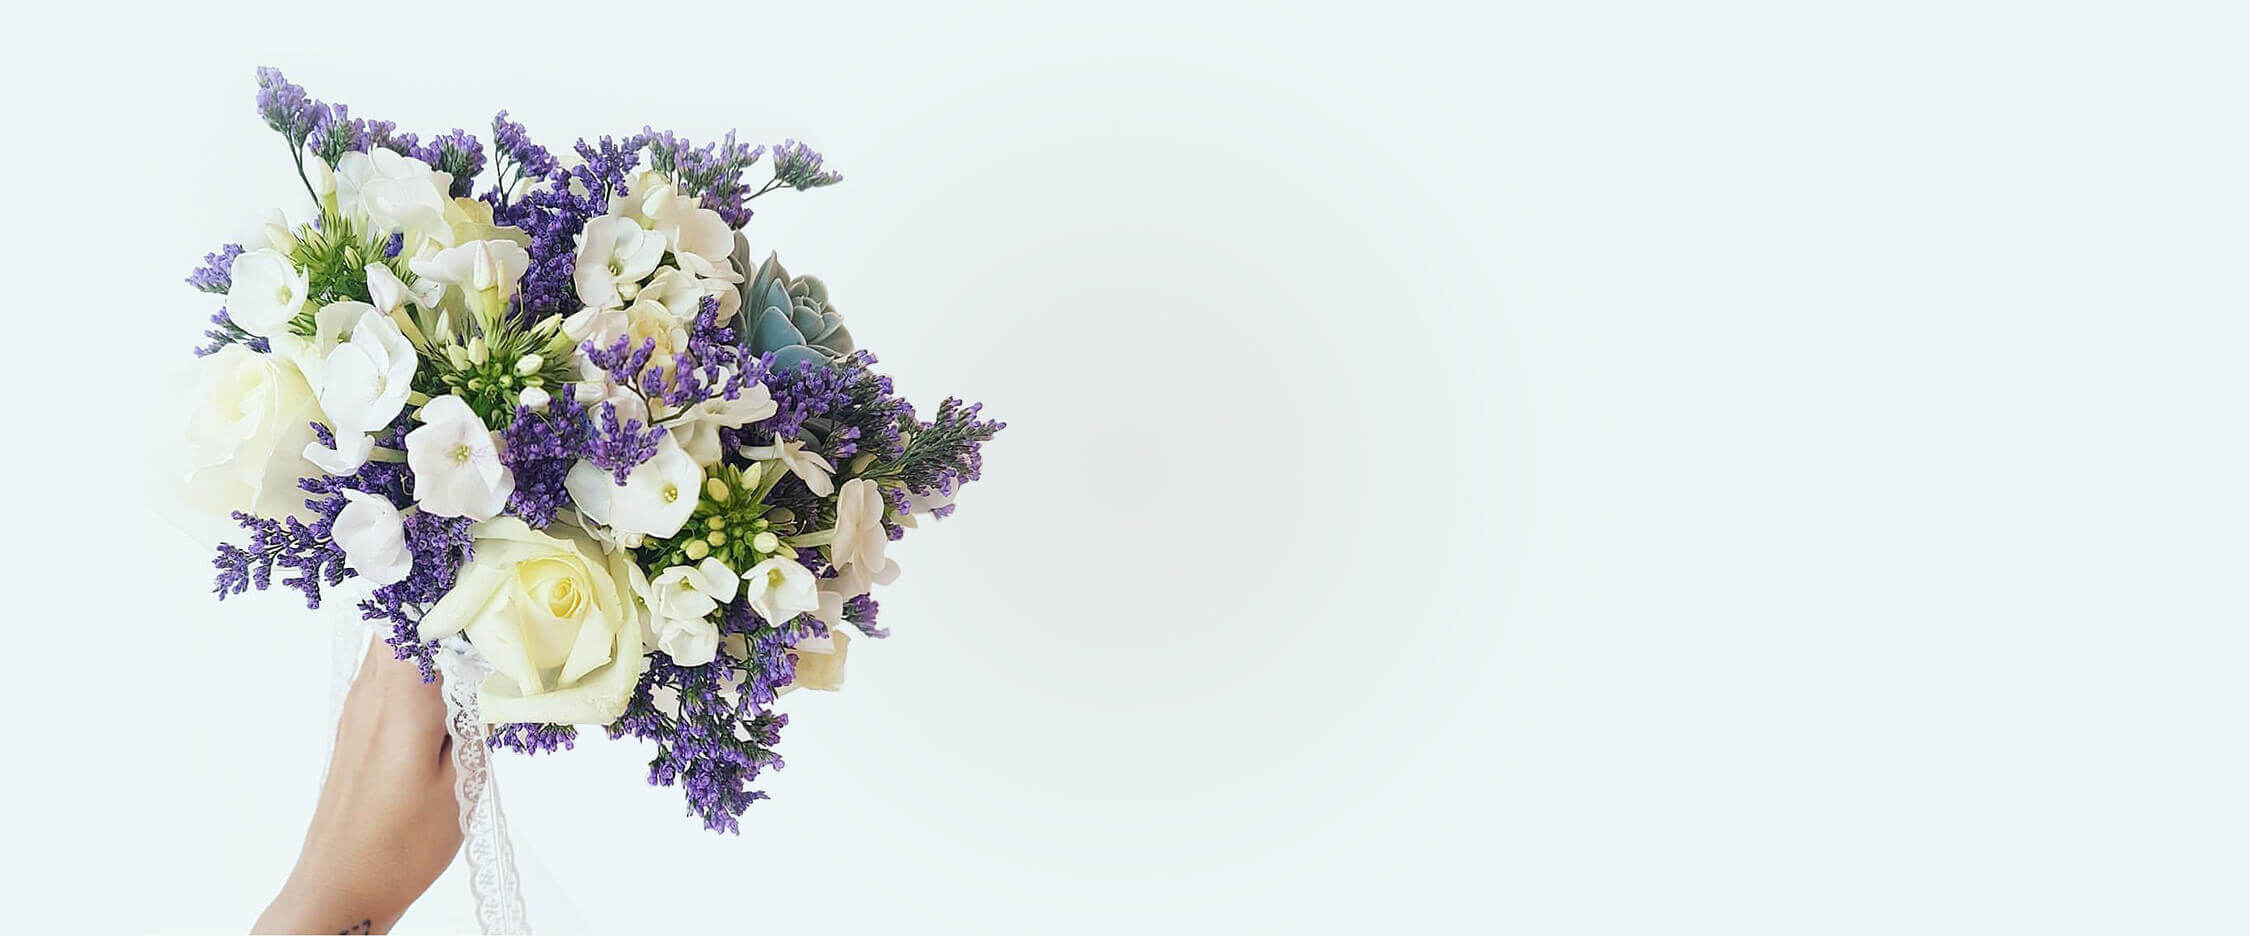 סליידר זר פרחים לכלה